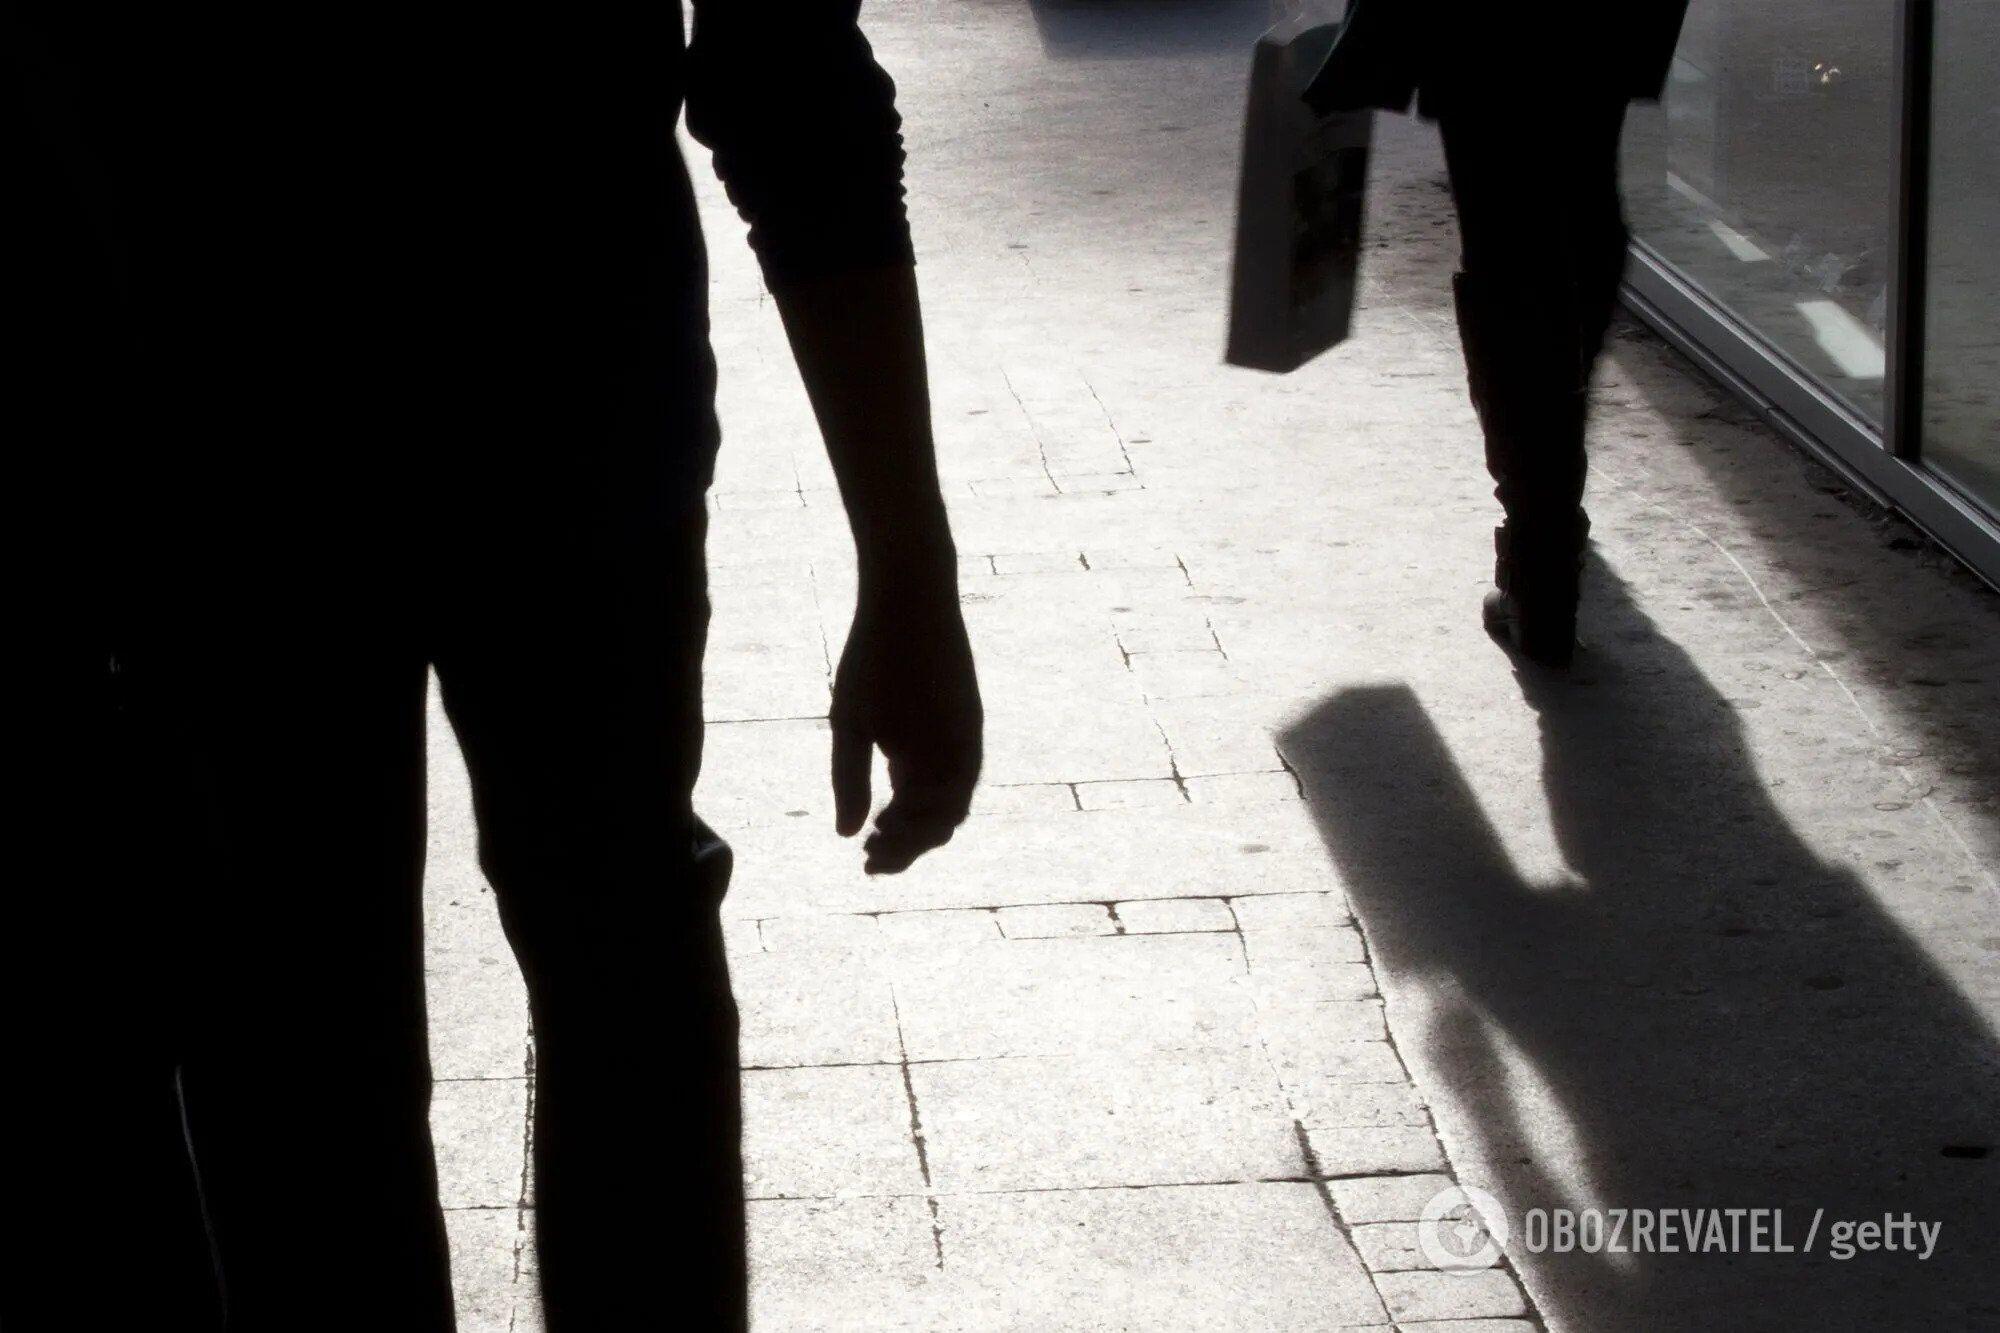 Жертвами грабителей все чаще становятся мужчины